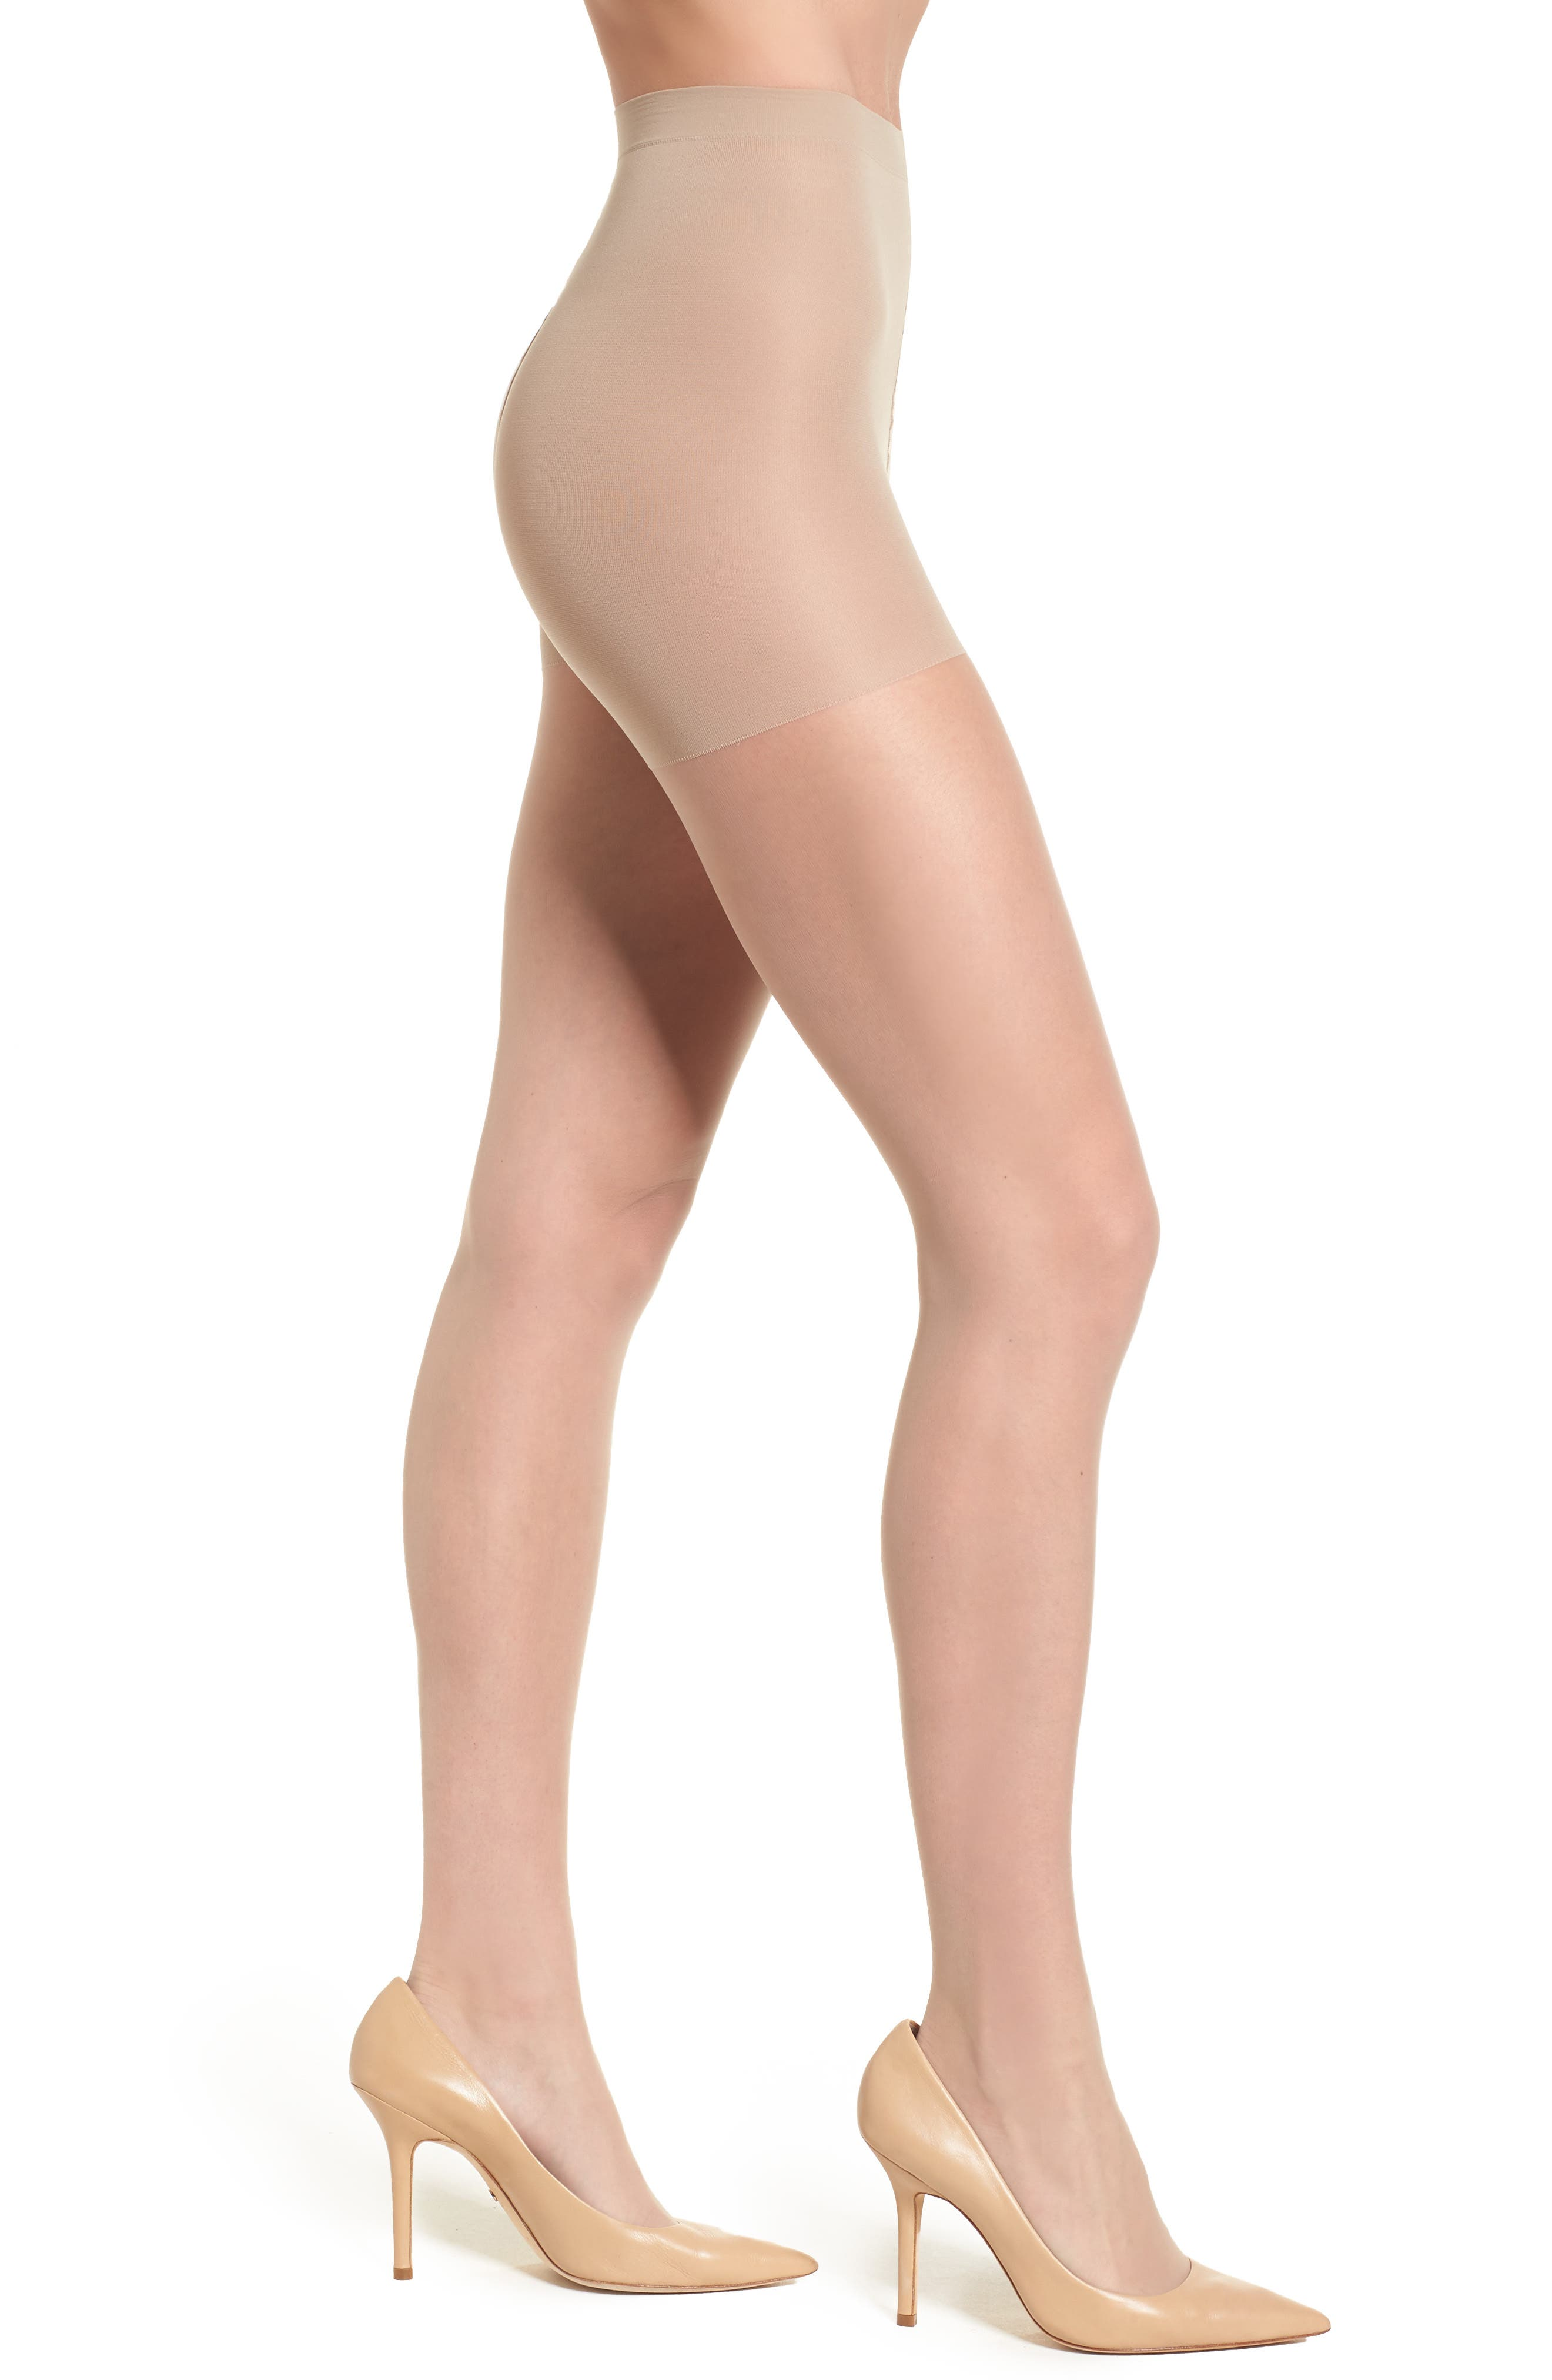 Donna Karan Signature Ultra Sheer Control Top Pantyhose,                             Main thumbnail 1, color,                             Buff